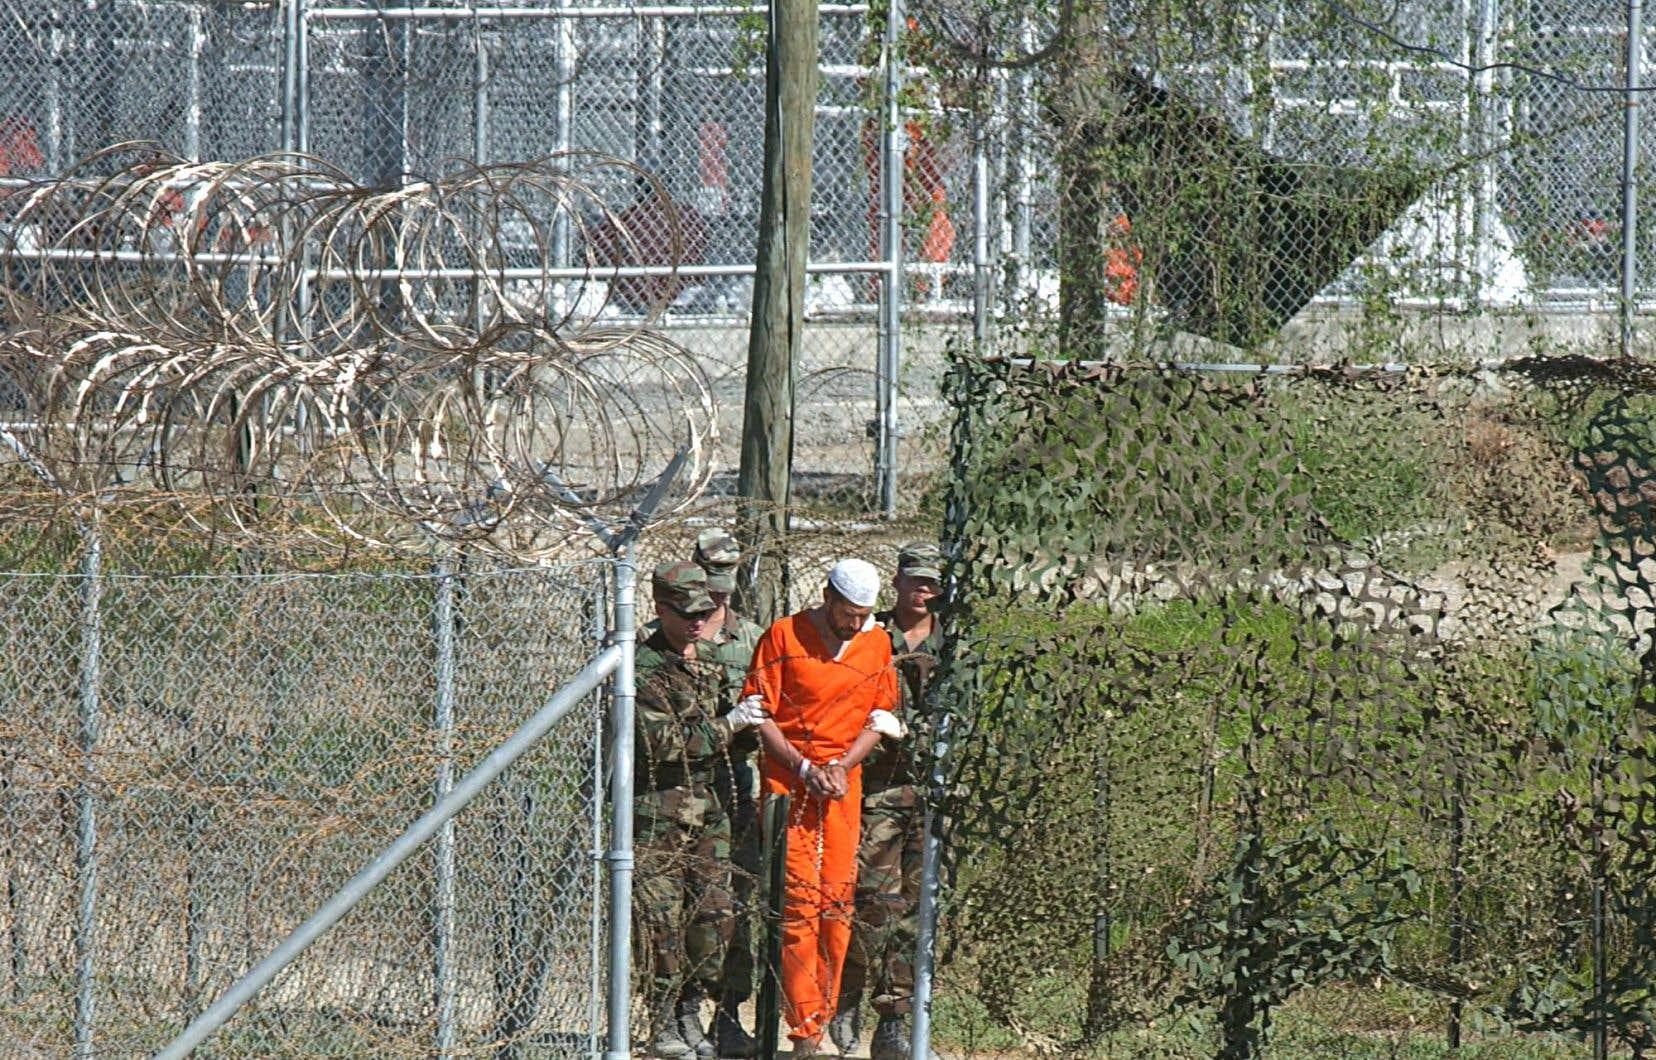 Un détenu était escorté par des militaires américains, en mars2002, au centre de détention de Guantánamo, sur l'île de Cuba.